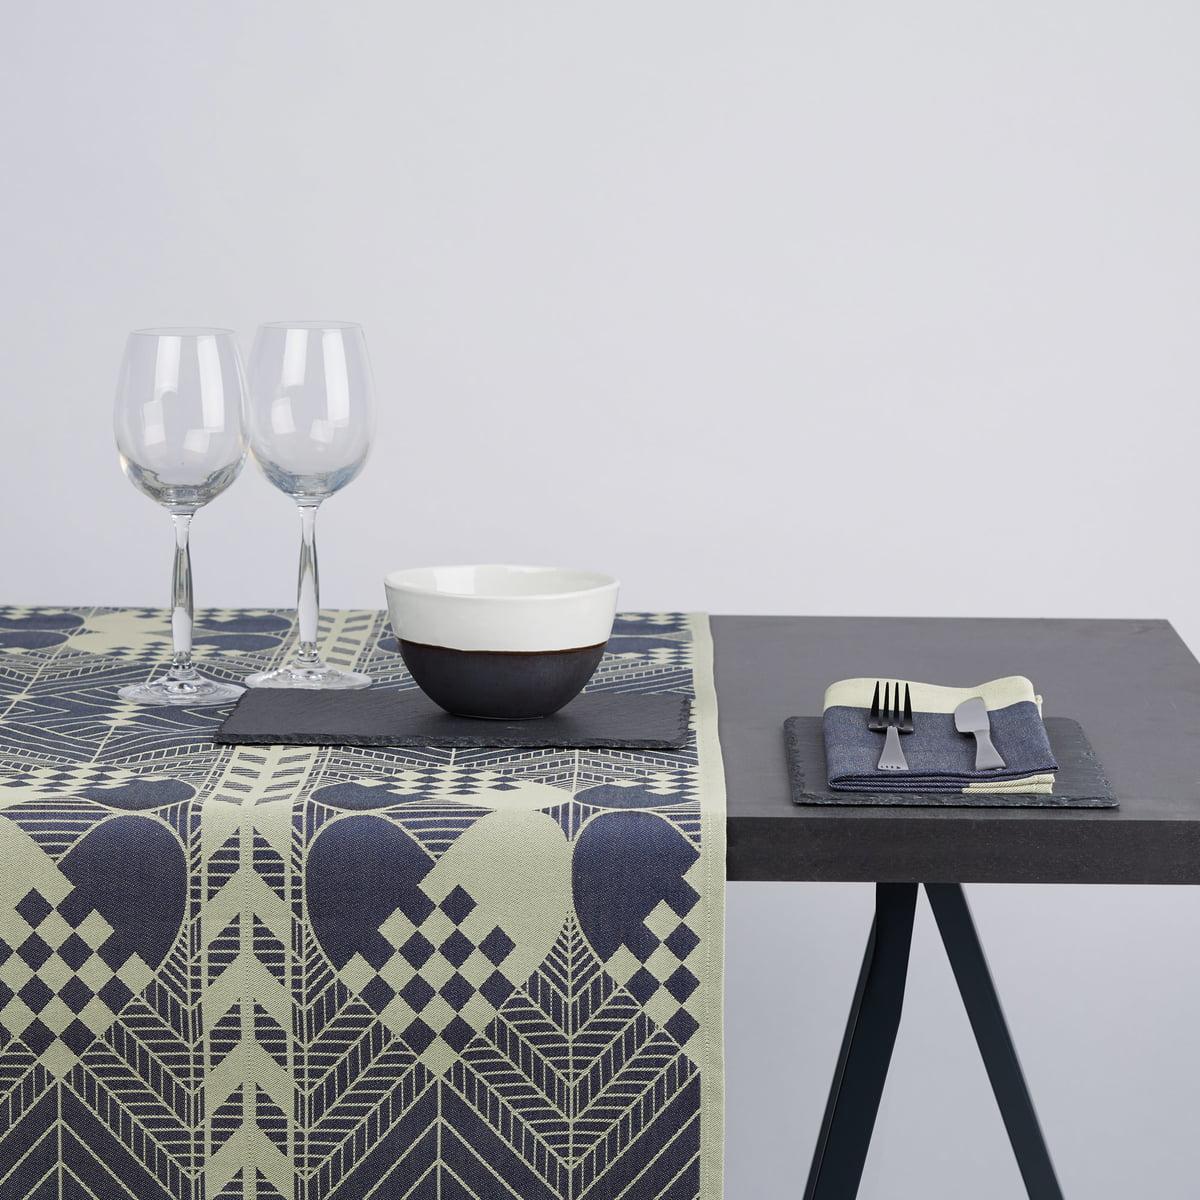 weihnachts tischl ufer von georg jensen damask. Black Bedroom Furniture Sets. Home Design Ideas